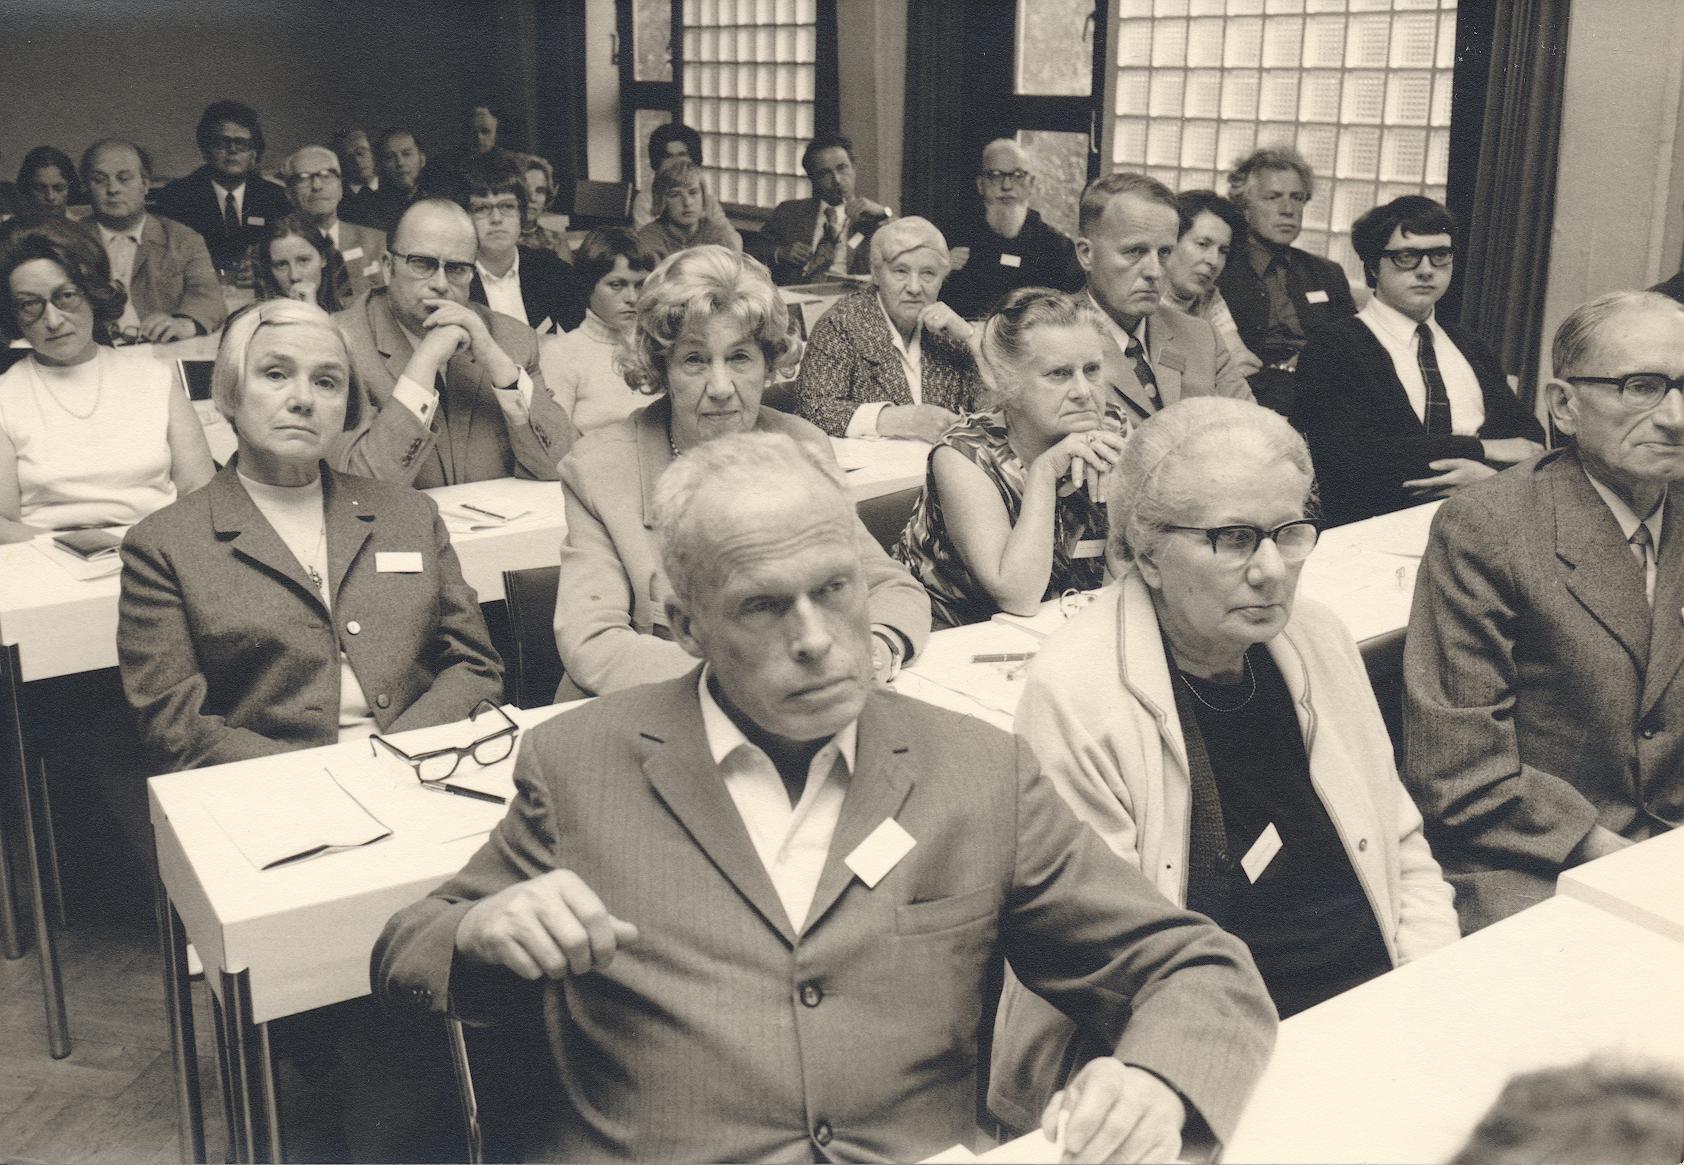 IV. Internat. Imago Mundi-Kongress 1972 Königstein im Taunus, Ausschnitt aus dem Zuhörerkreis. Mitte vorn: Gerda Walther